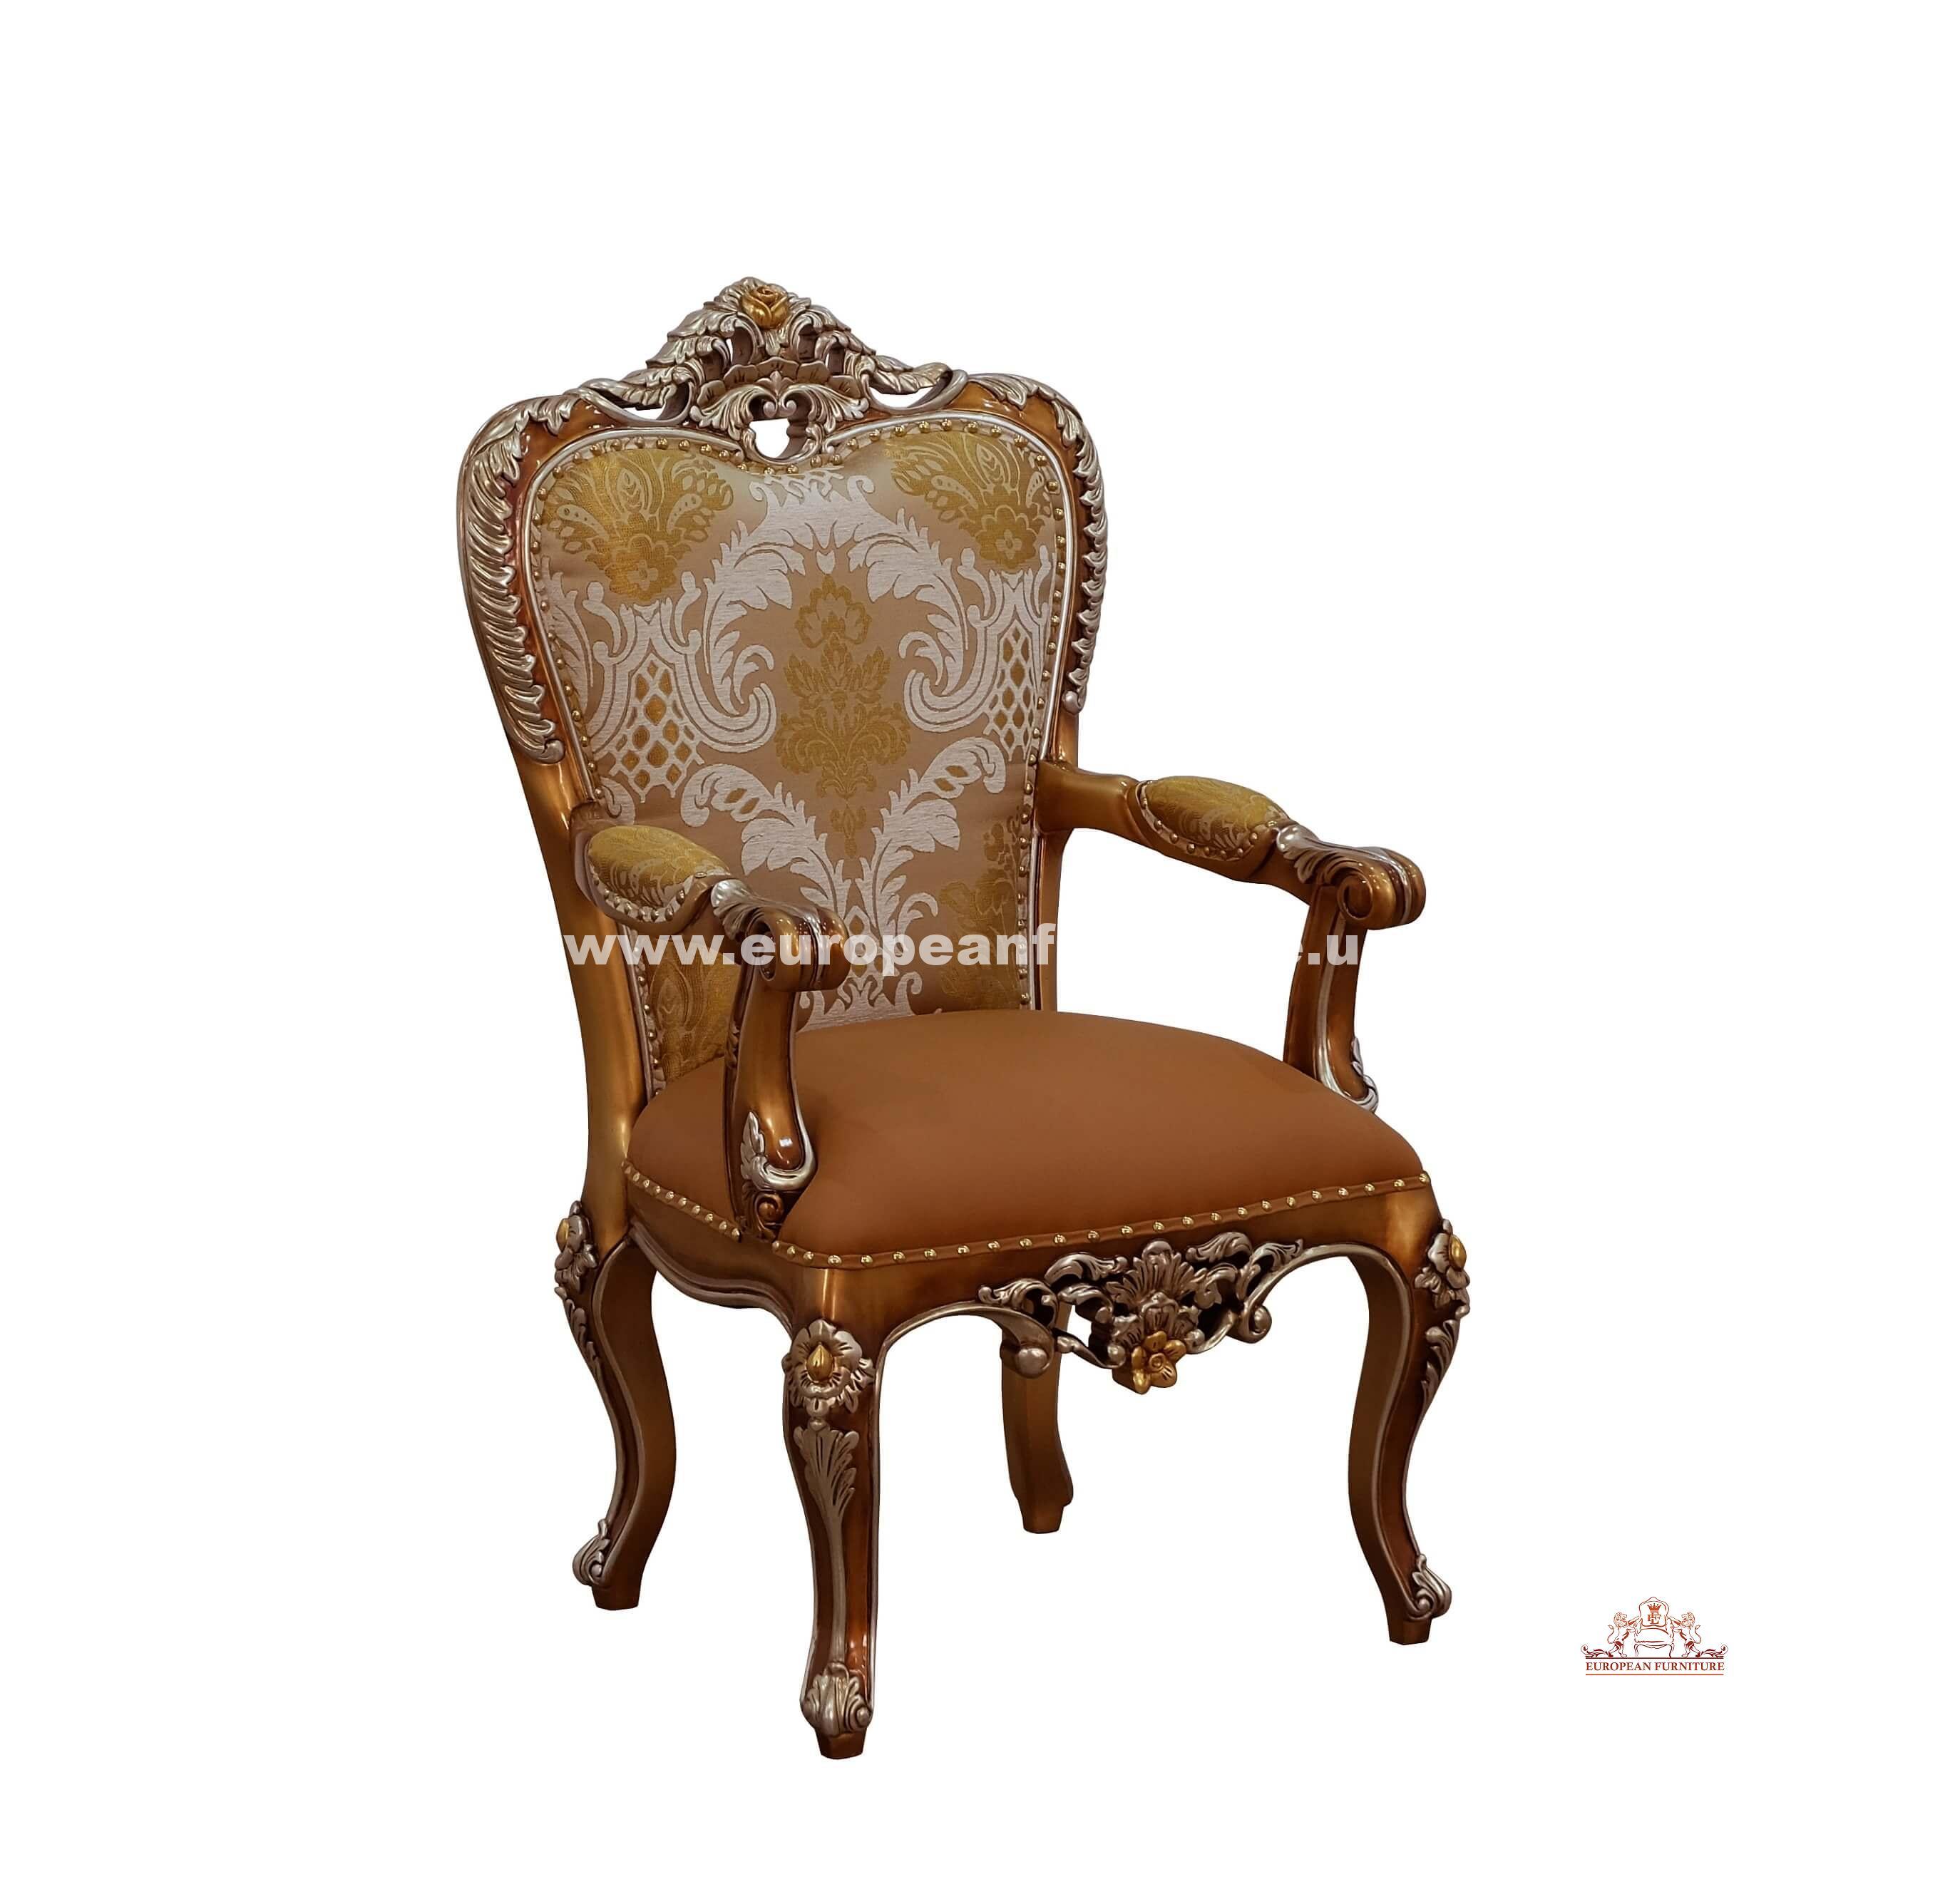 St. Germain Dining Arm Chair - European Furniture